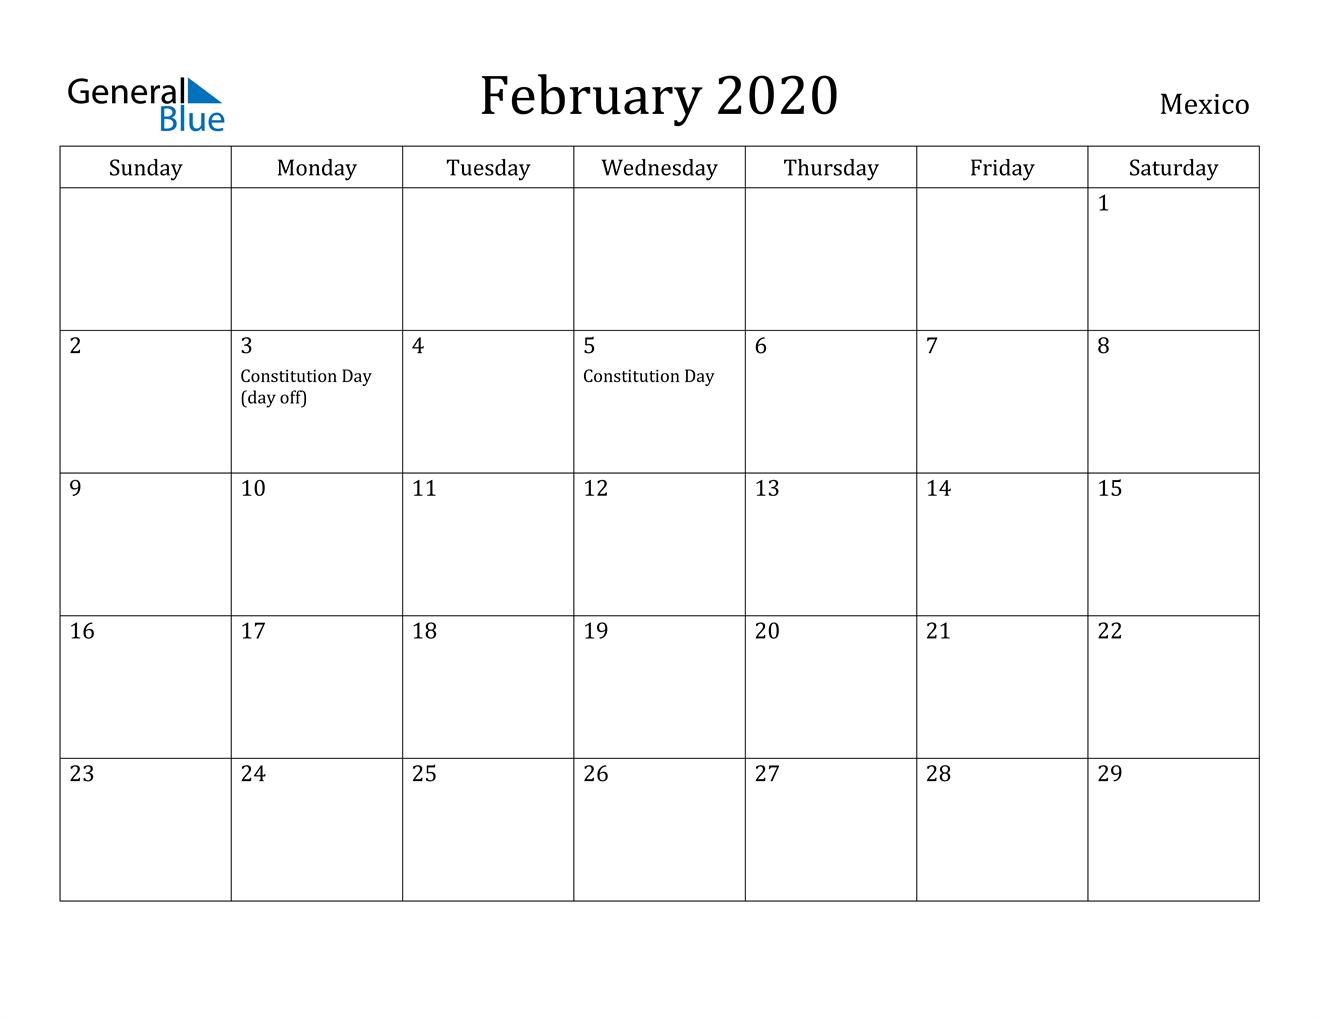 Image of February 2020 Mexico Calendar with Holidays Calendar